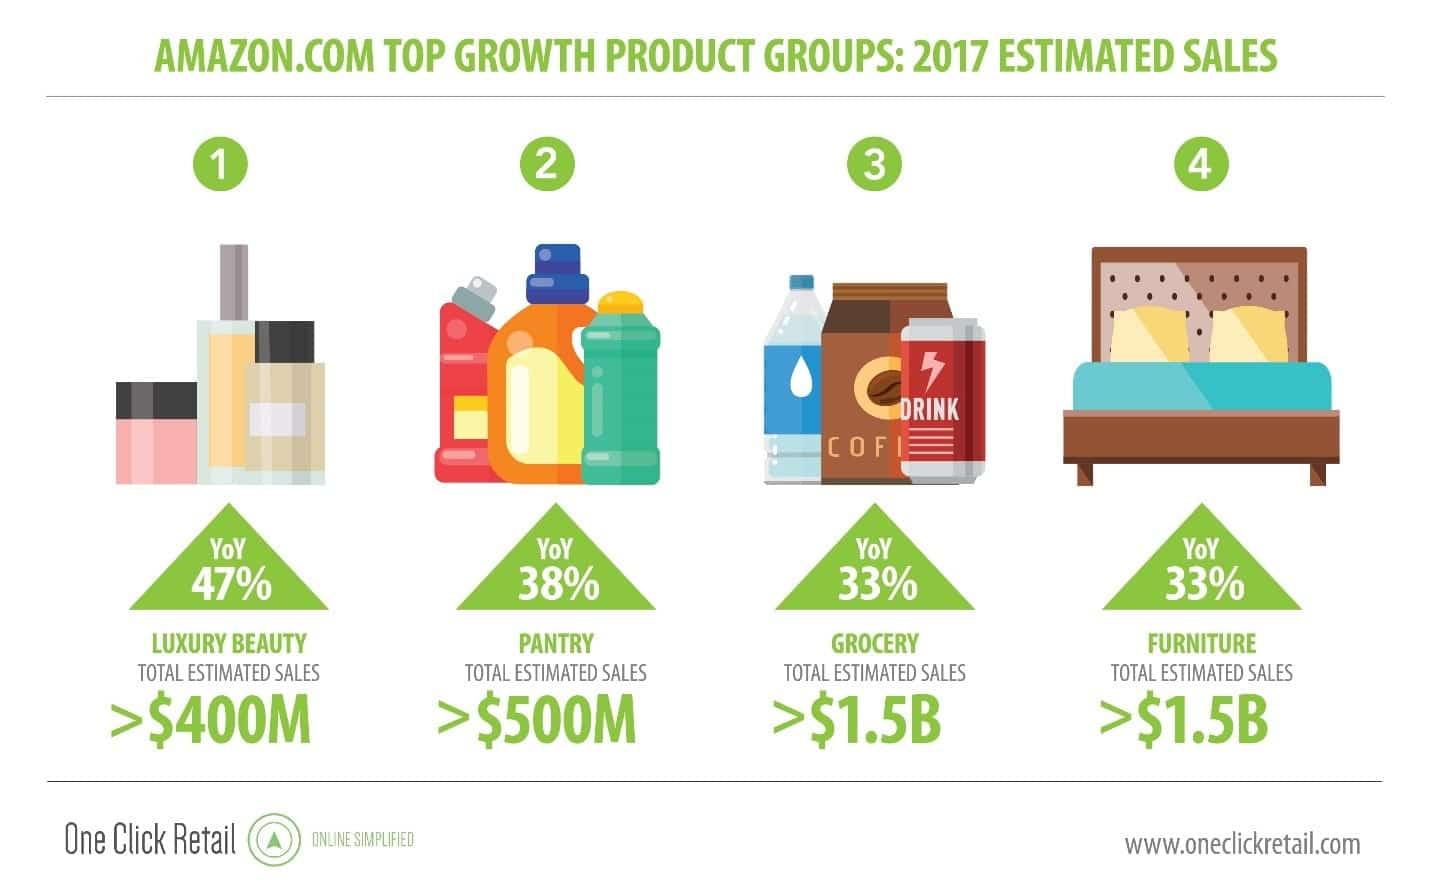 Amazon bästa tillväxtprodukter